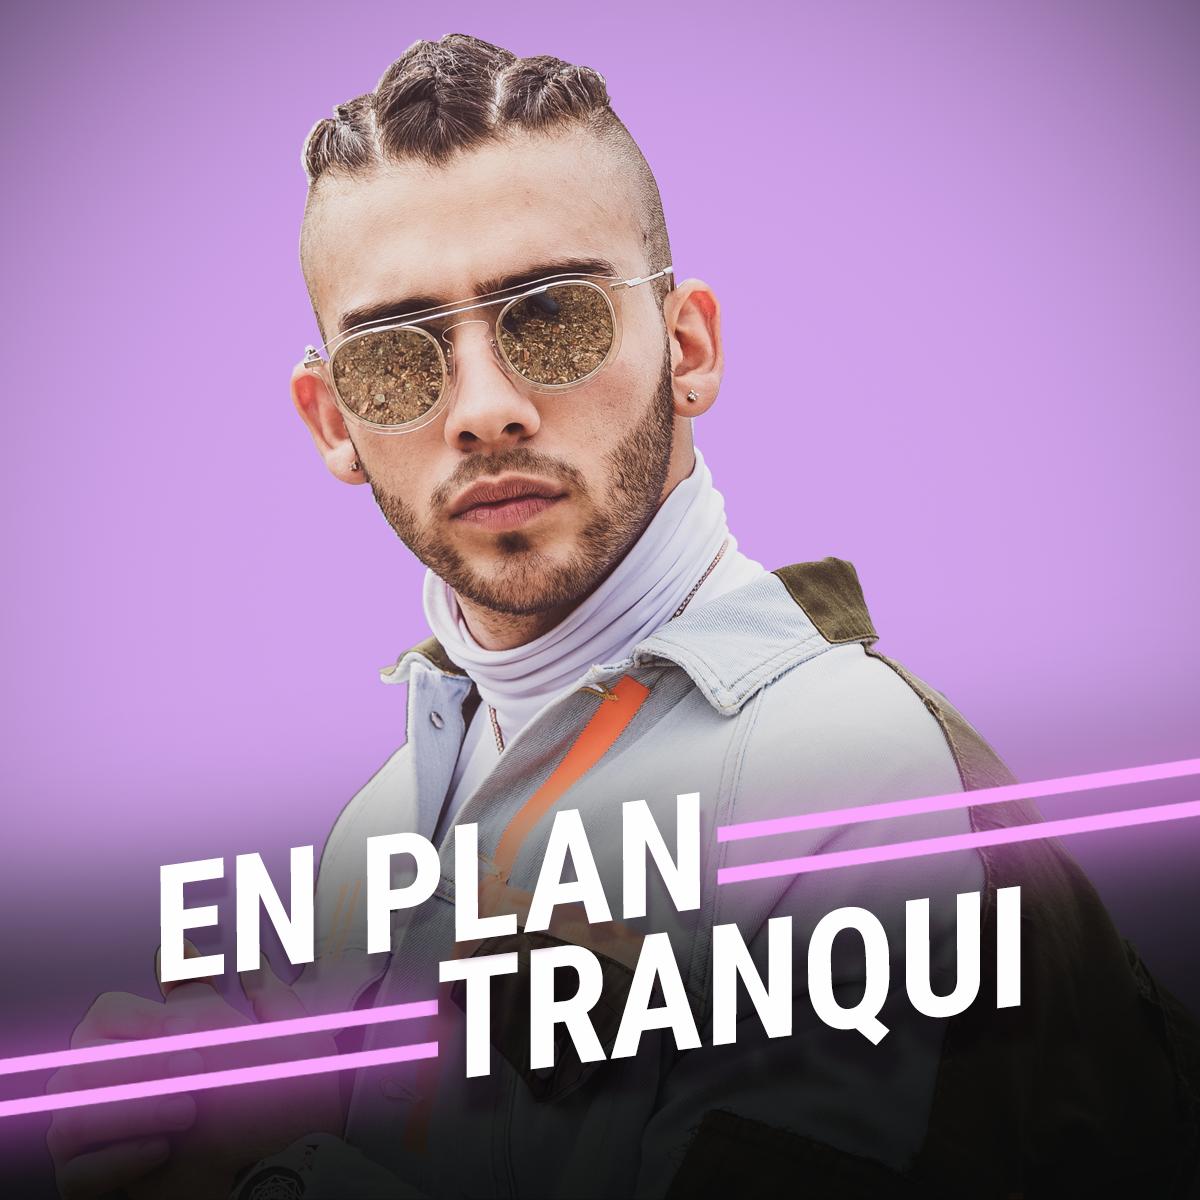 En Plan Tranqui - Manuel Turizo